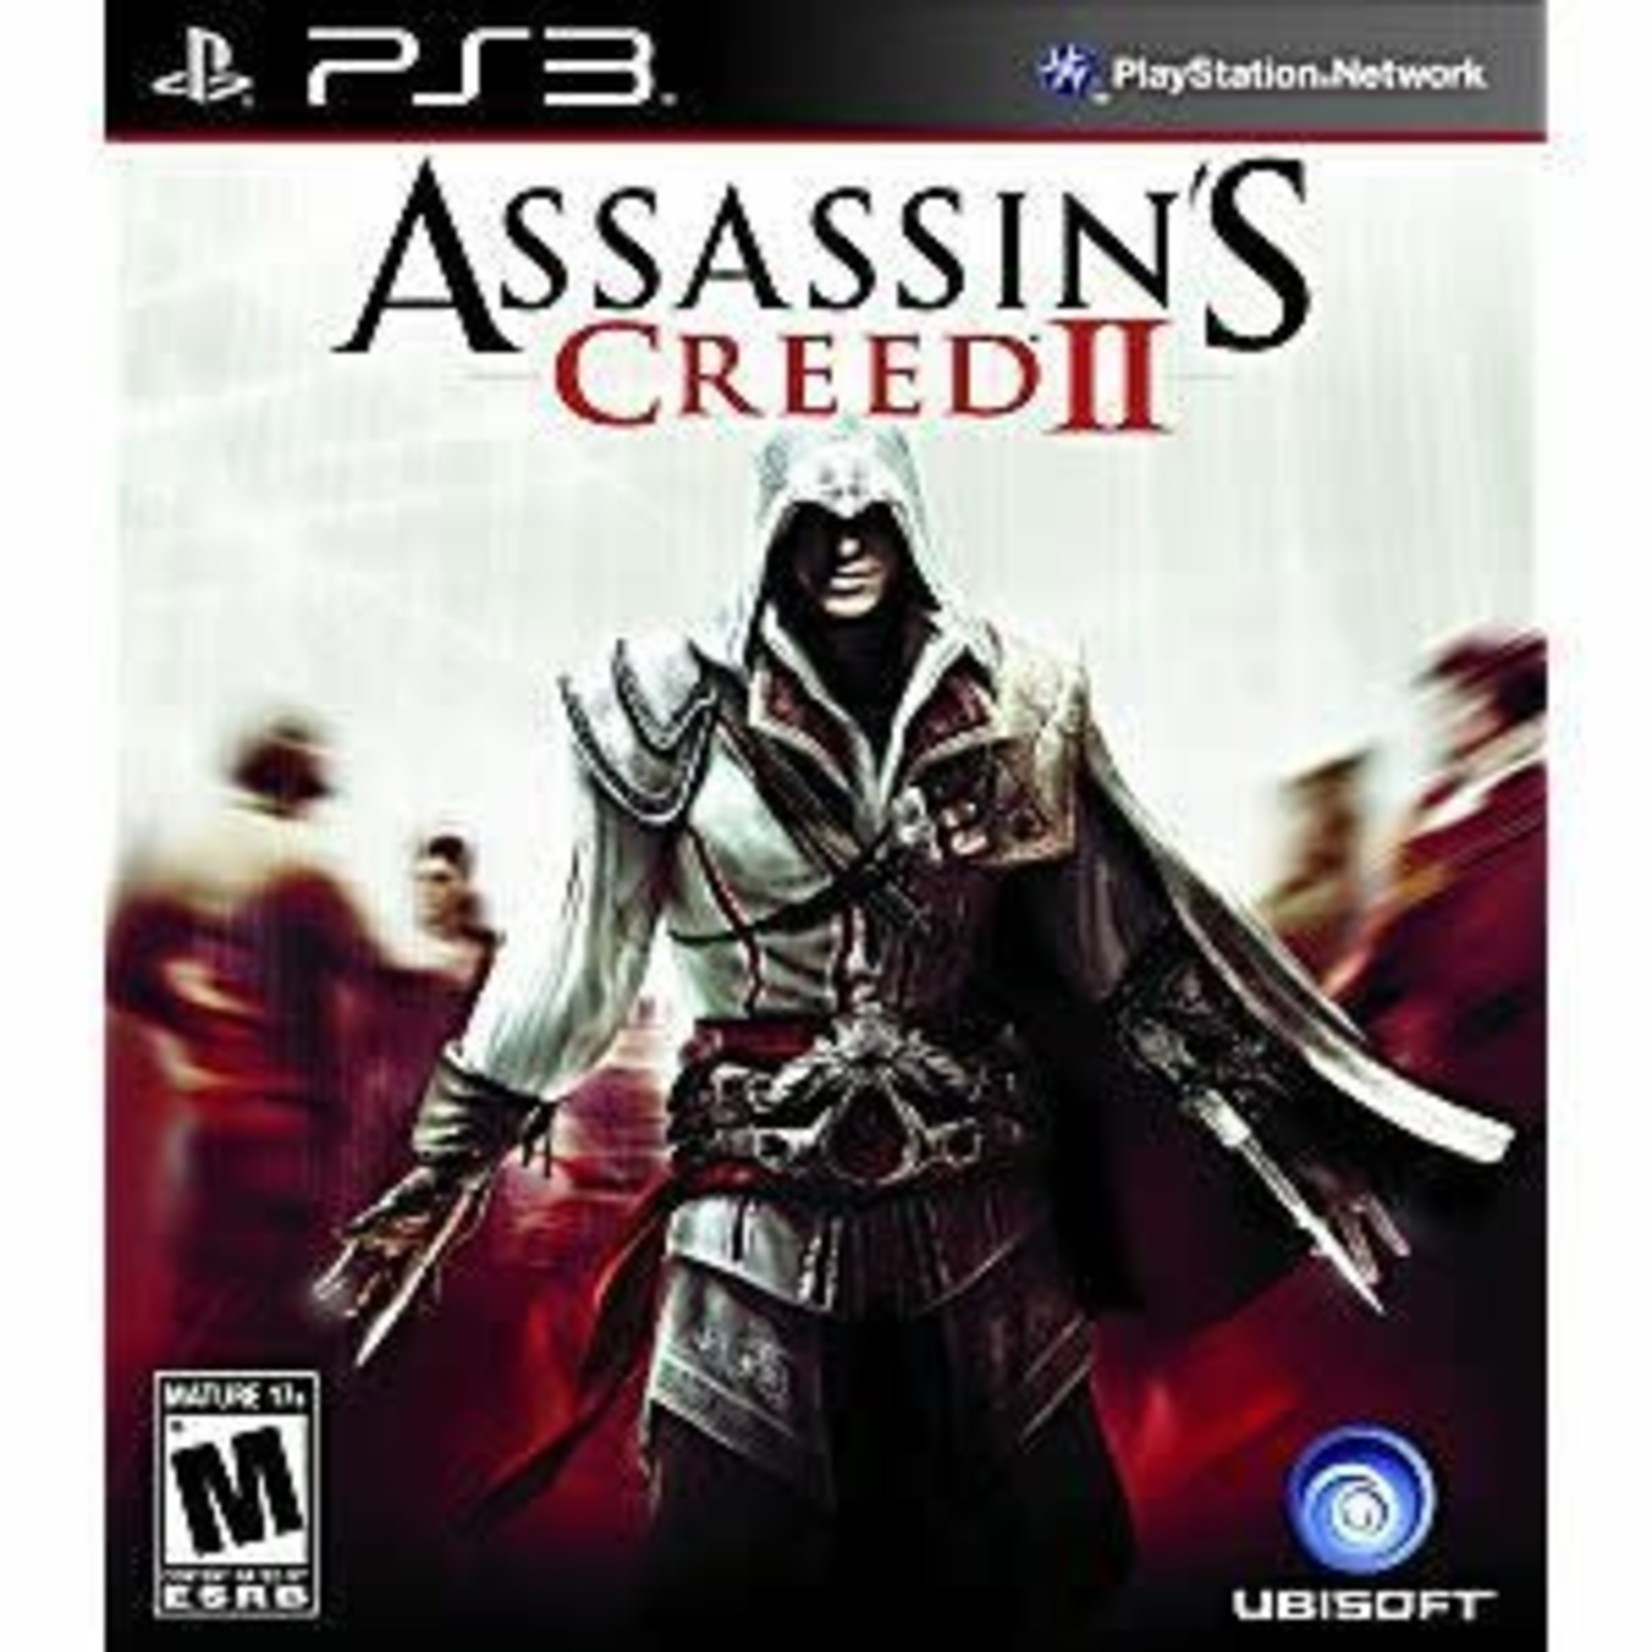 PS3U-Assassin's Creed 2